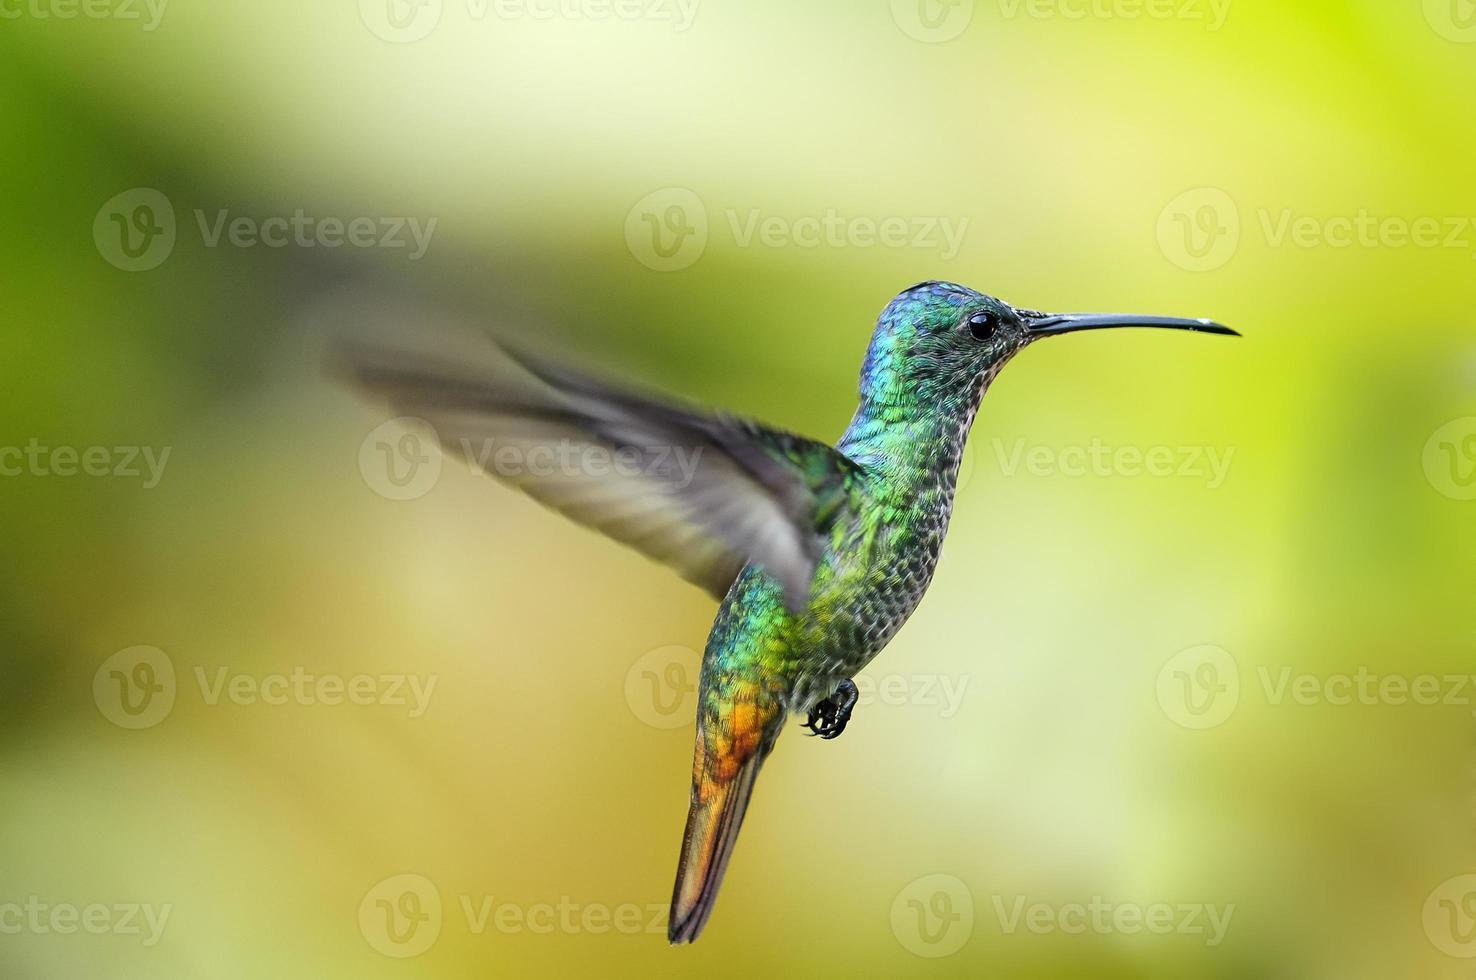 colibrì zaffiro dalla coda dorata foto